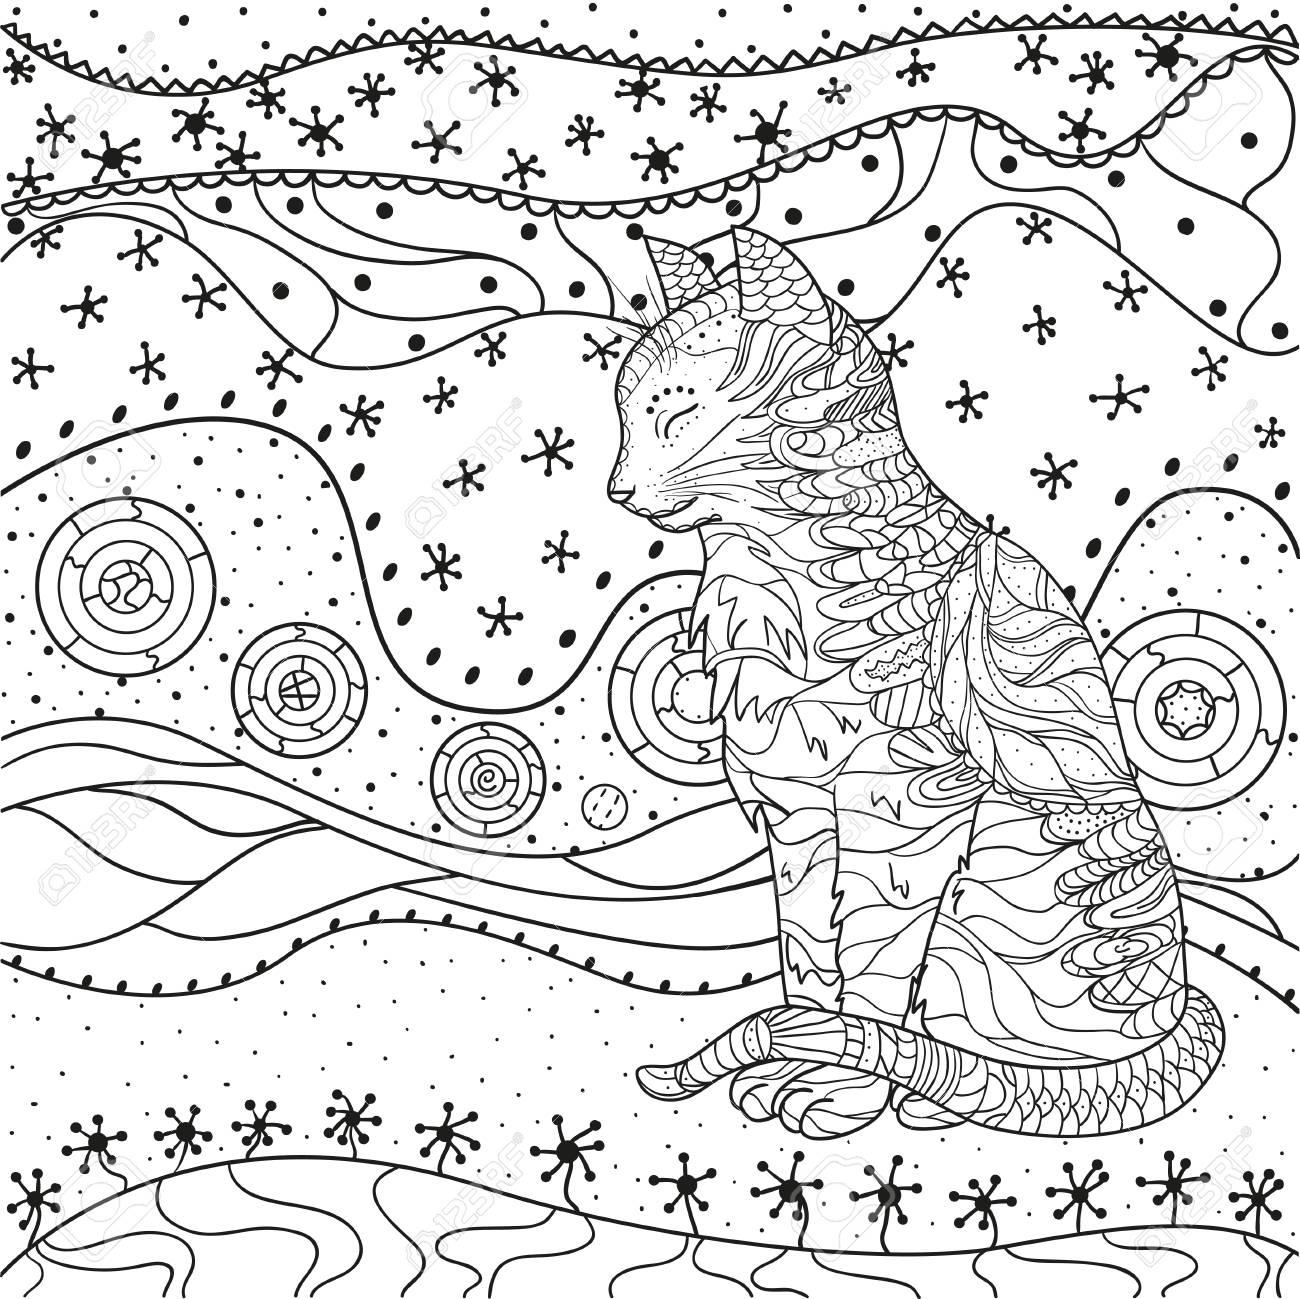 Mandala Avec Des Chats Zentangle Chat Dessine Main Avec Des Motifs Abstraits Sur Fond D Isolement Concevoir Pour La Relaxation Spirituelle Pour Les Adultes Illustration En Noir Et Blanc A Colorier Apercu Pour